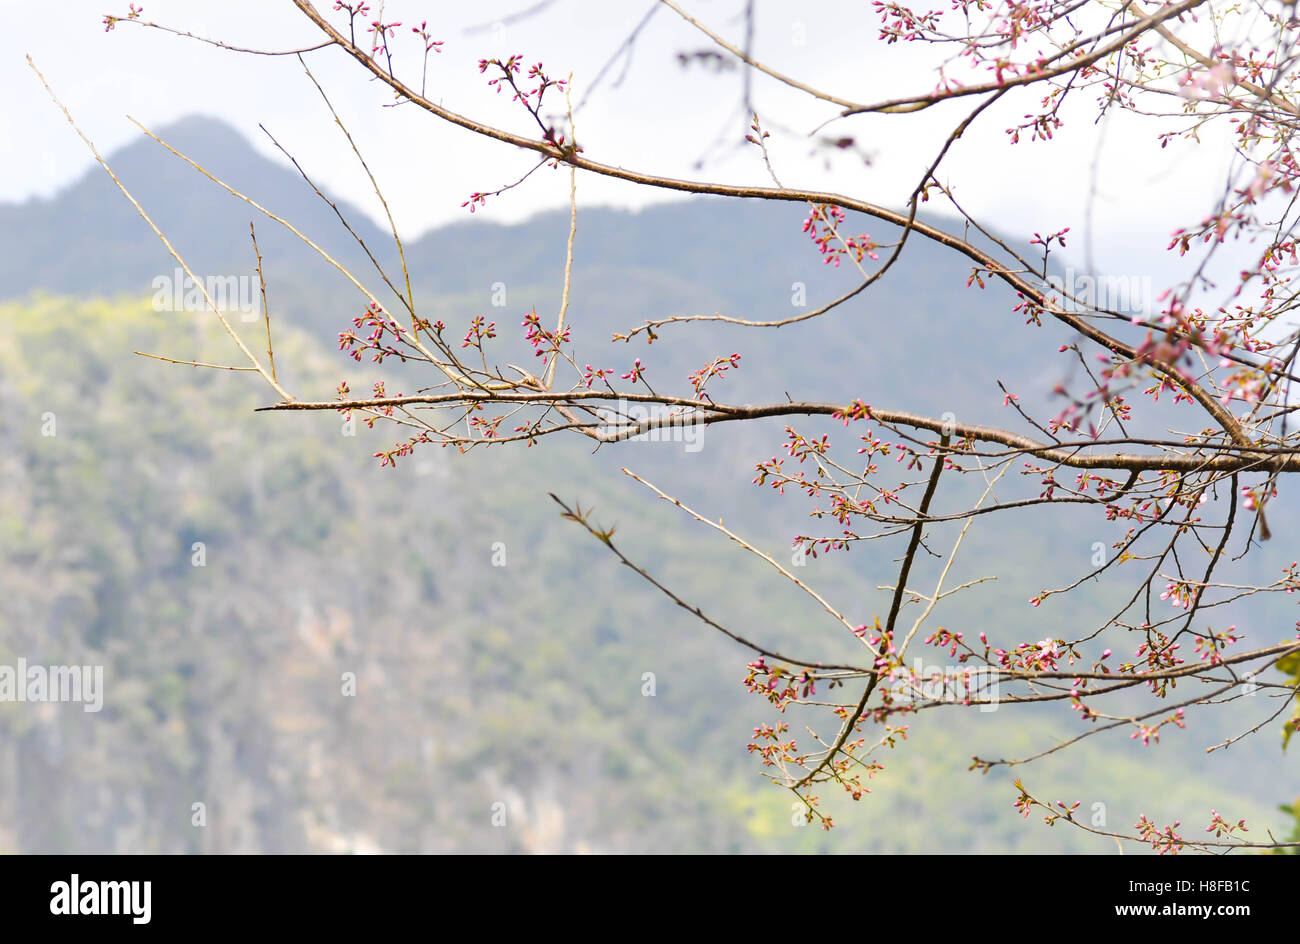 Himalayan Flora Stock Photos Amp Himalayan Flora Stock